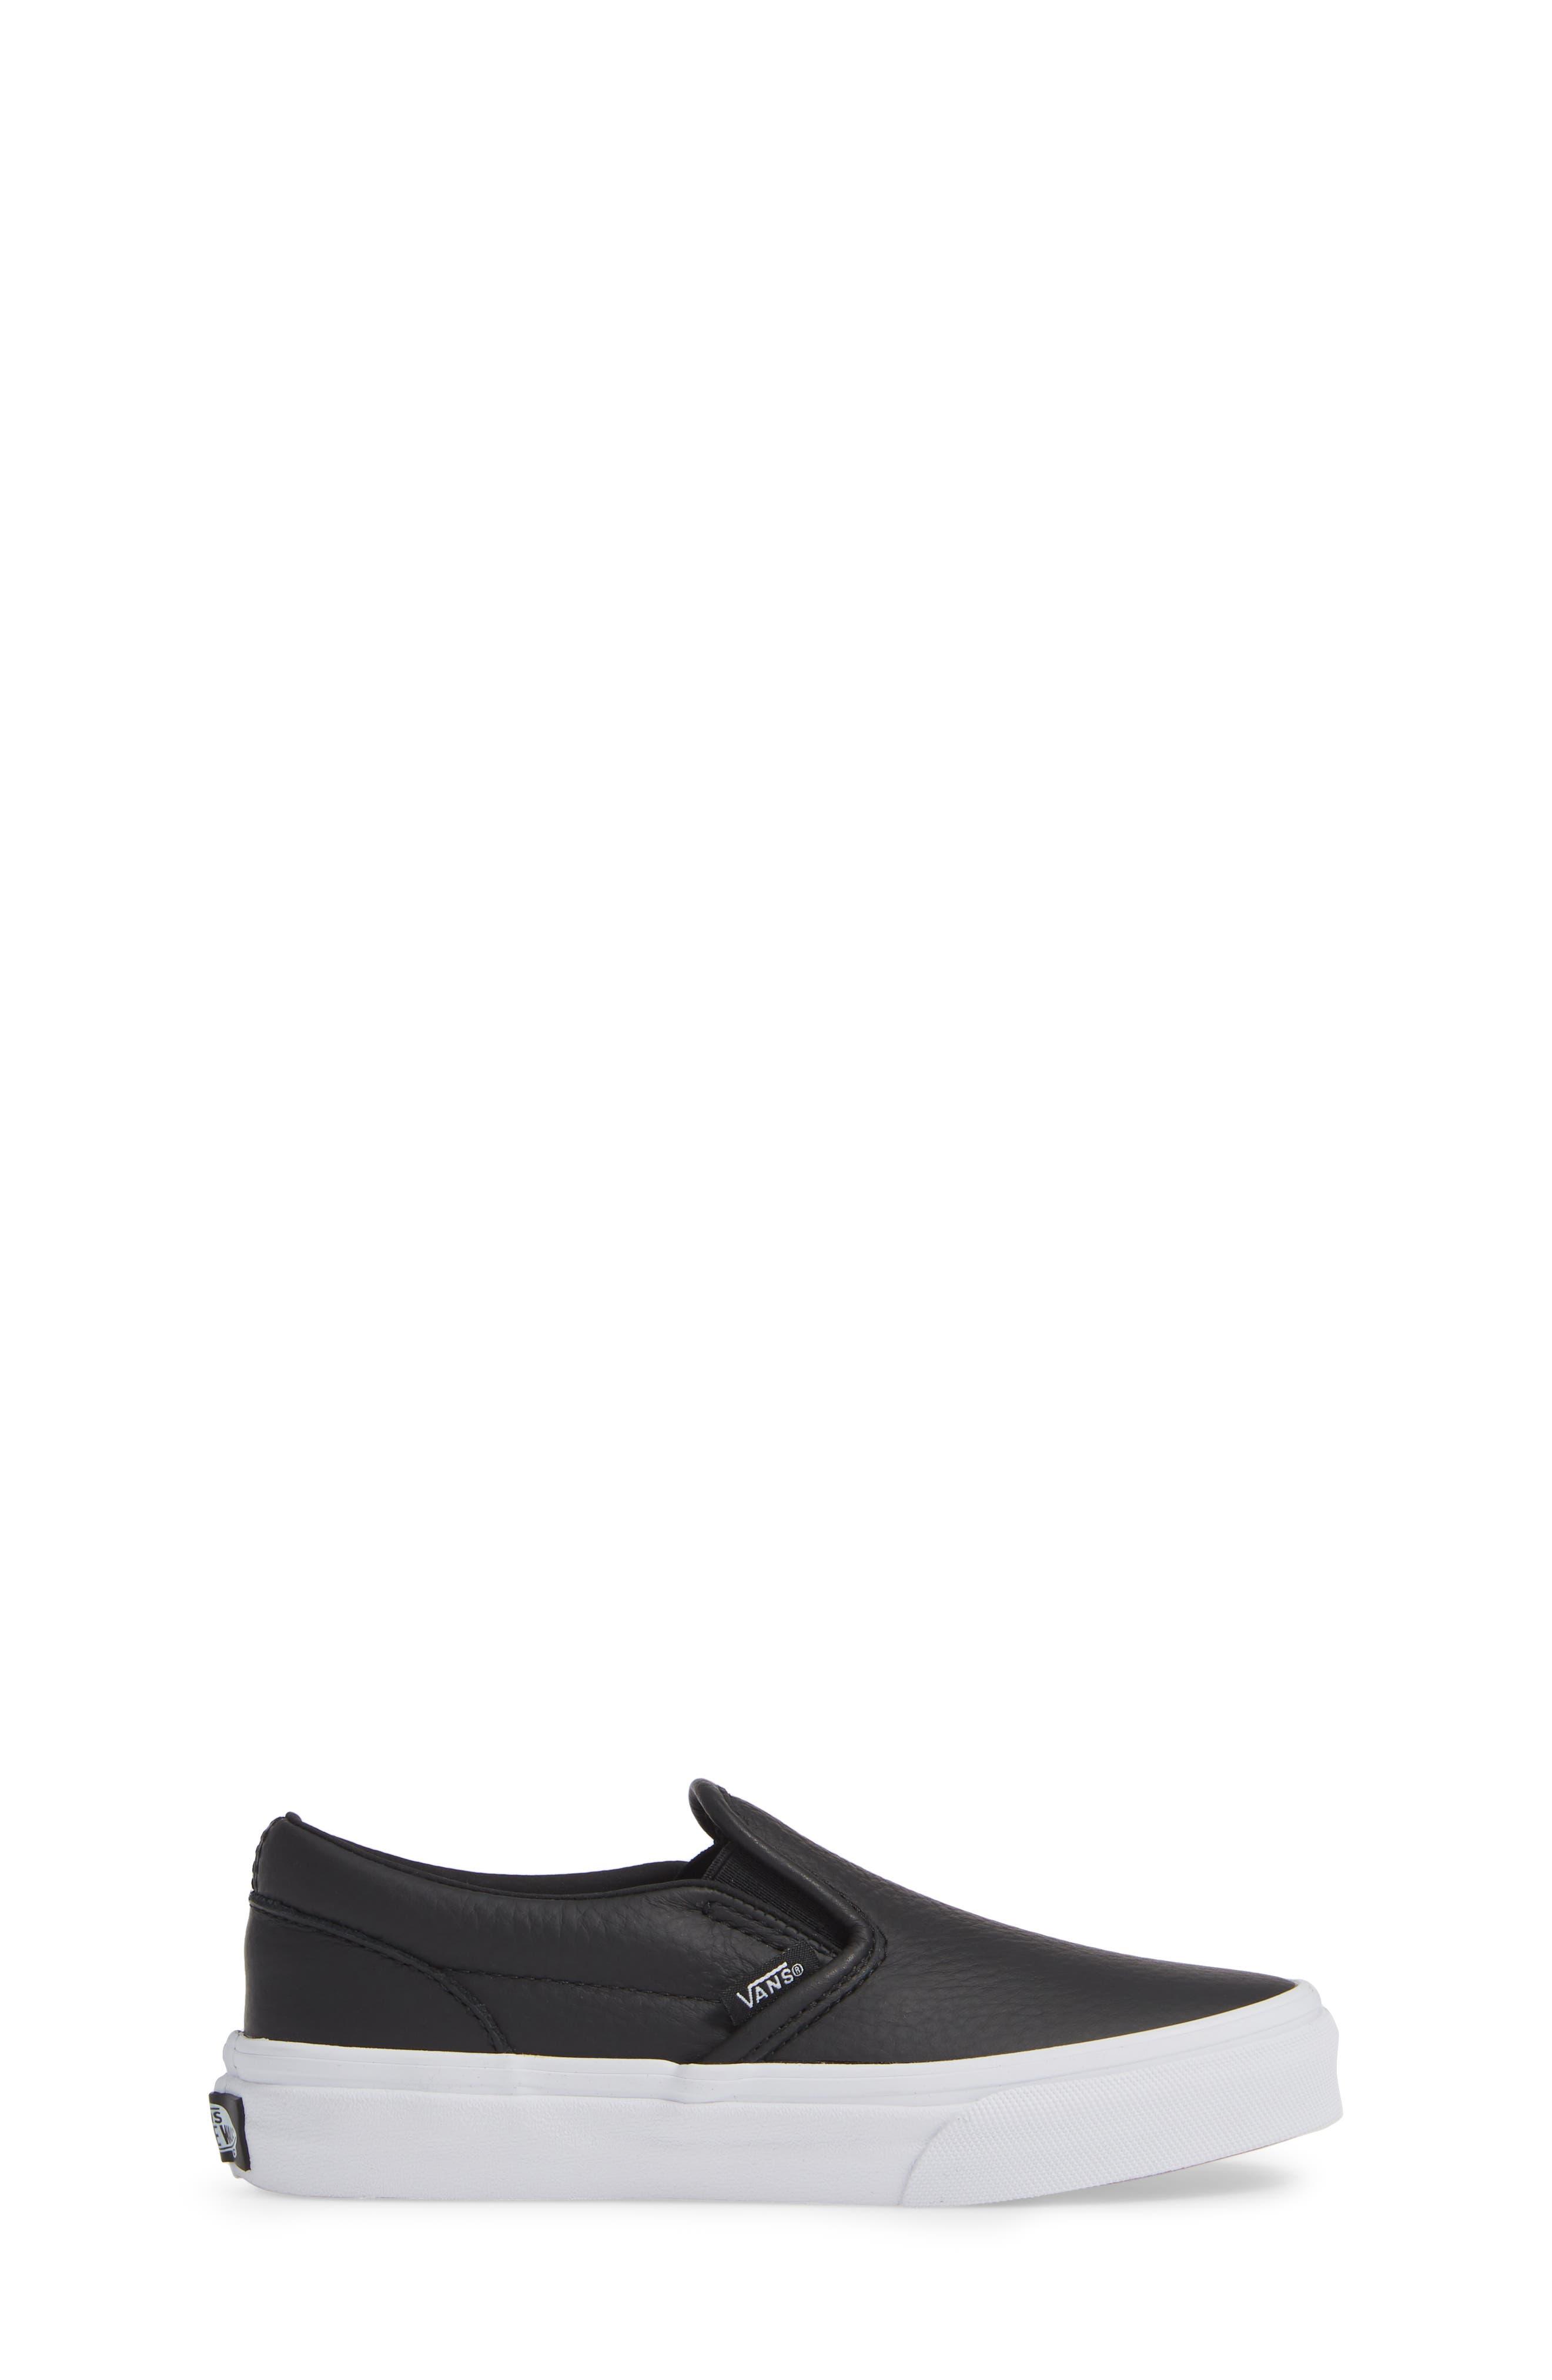 'Classic' Slip-On Sneaker,                             Alternate thumbnail 3, color,                             BLACK/ TRUE WHITE LEATHER